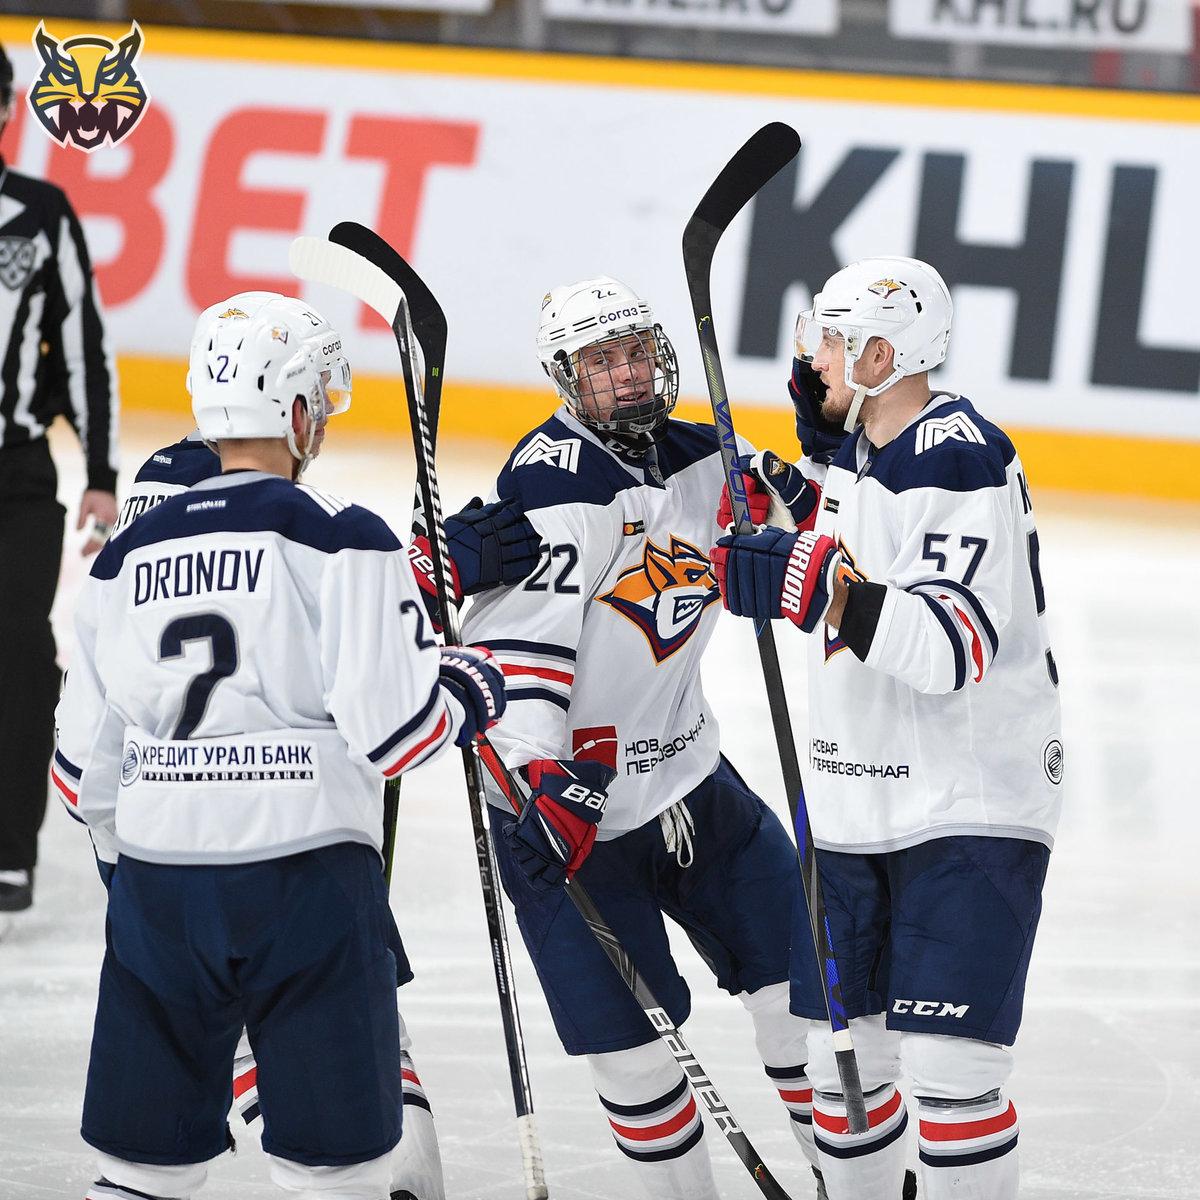 ВМагнитогорске появился большой талант. Онзабил вКХЛ в16 лет, раньше него— только двое чемпионов золотого Баффало